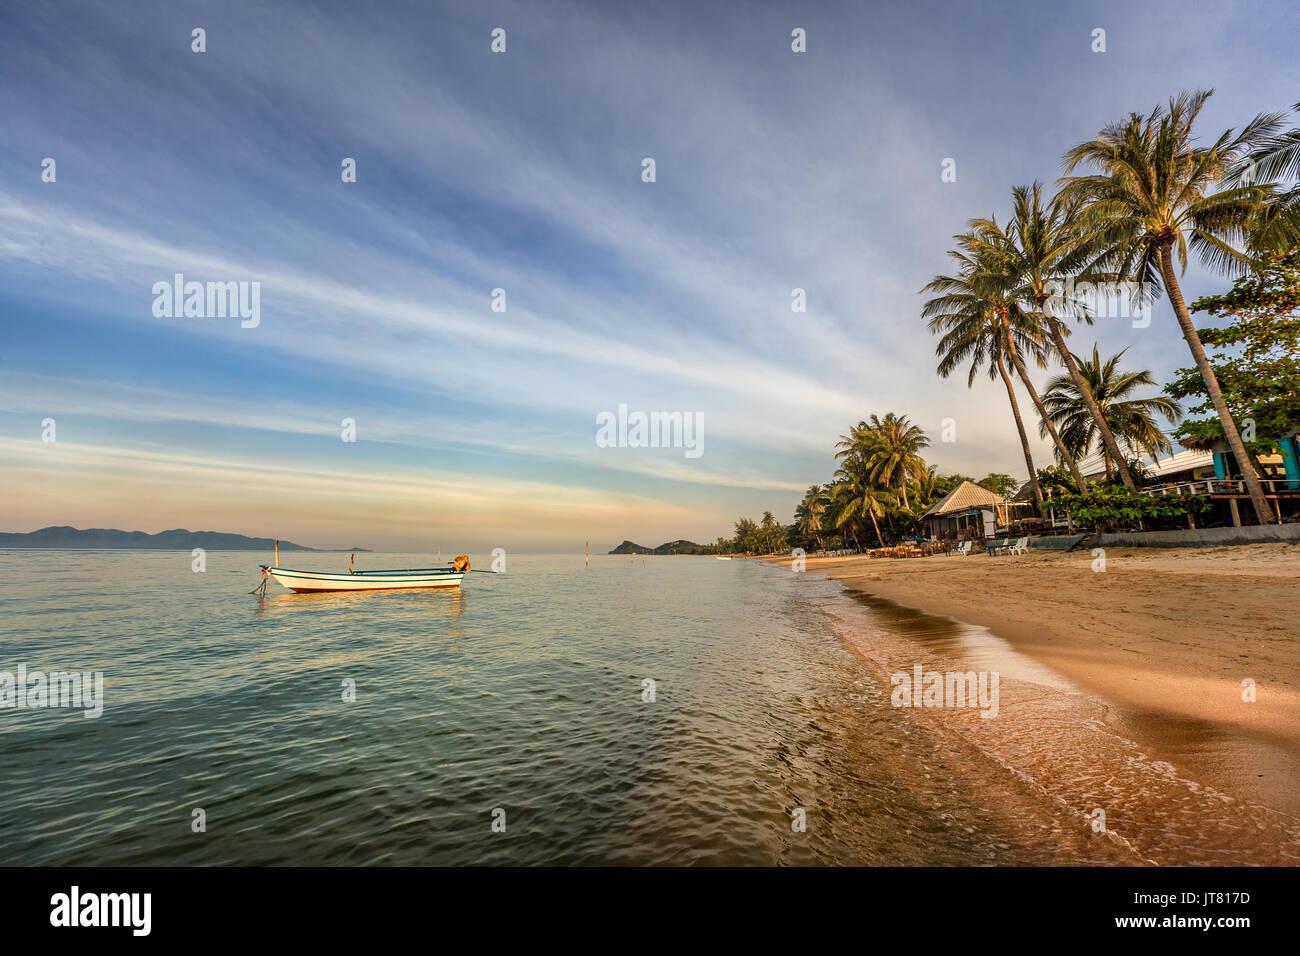 Bang Po Beach coucher de soleil dans l'île de Koh Samui, Thaïlande Banque D'Images